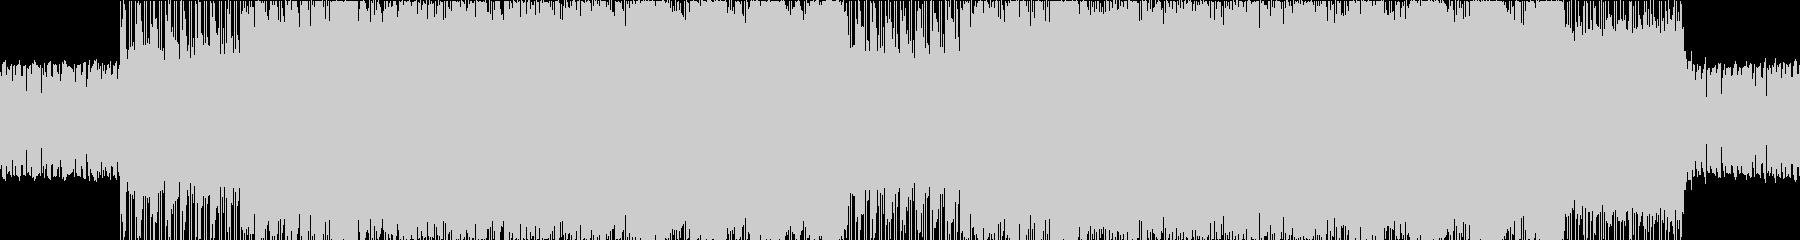 激しいドラムンベース風BGMの未再生の波形